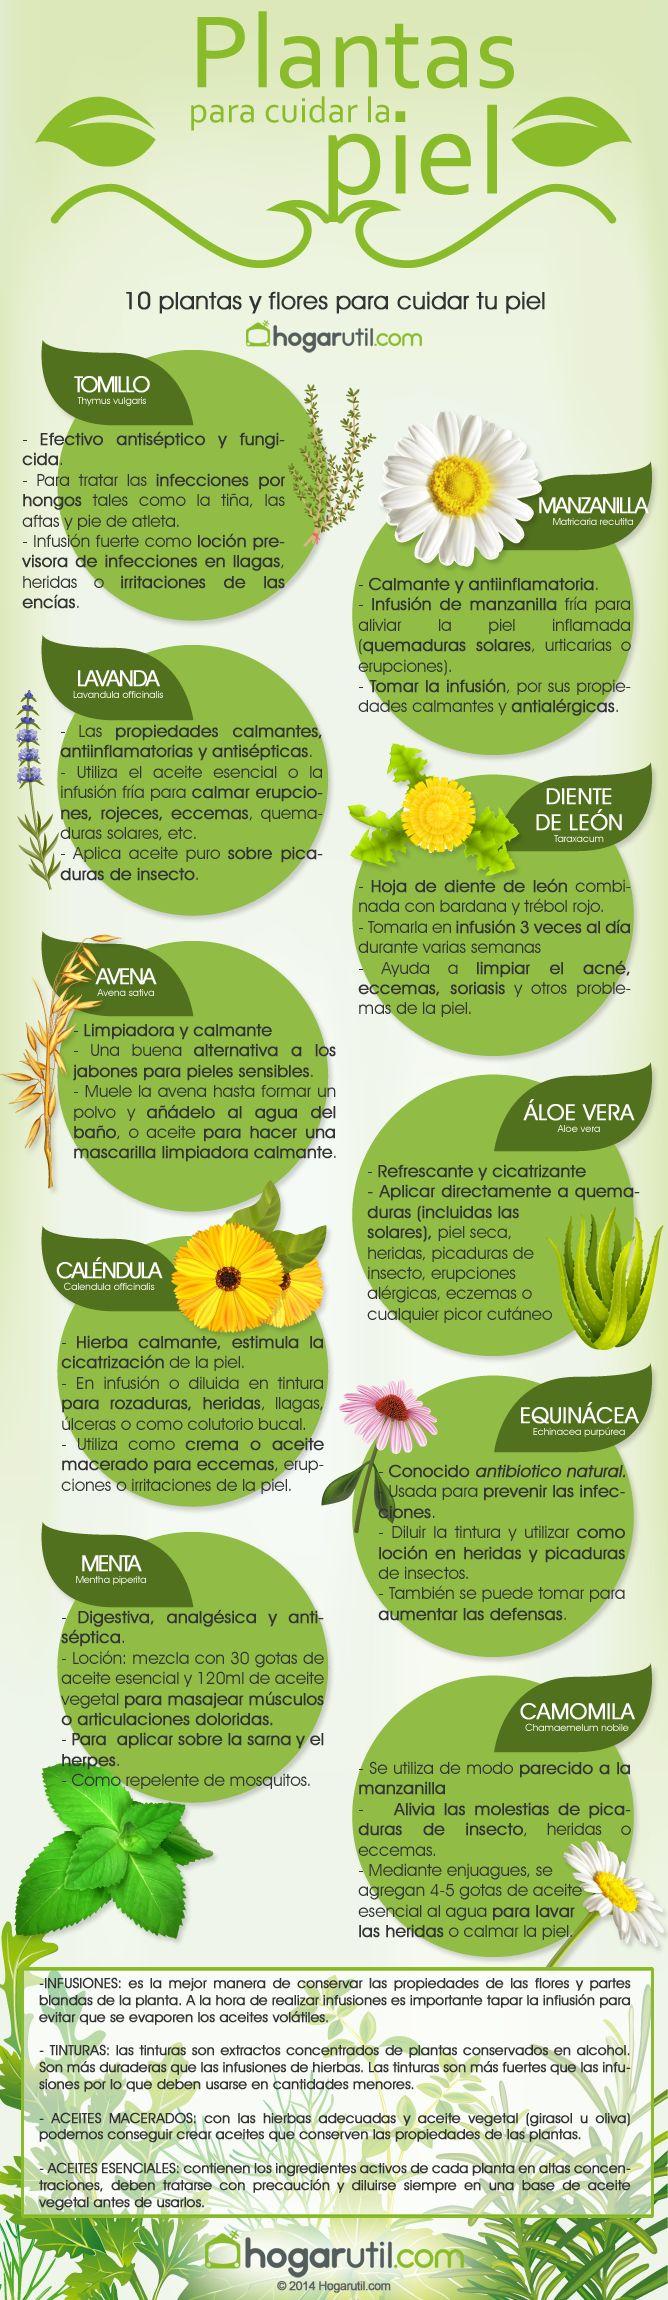 10 plantas para cuidar tu piel - Hogarutil plantas ...